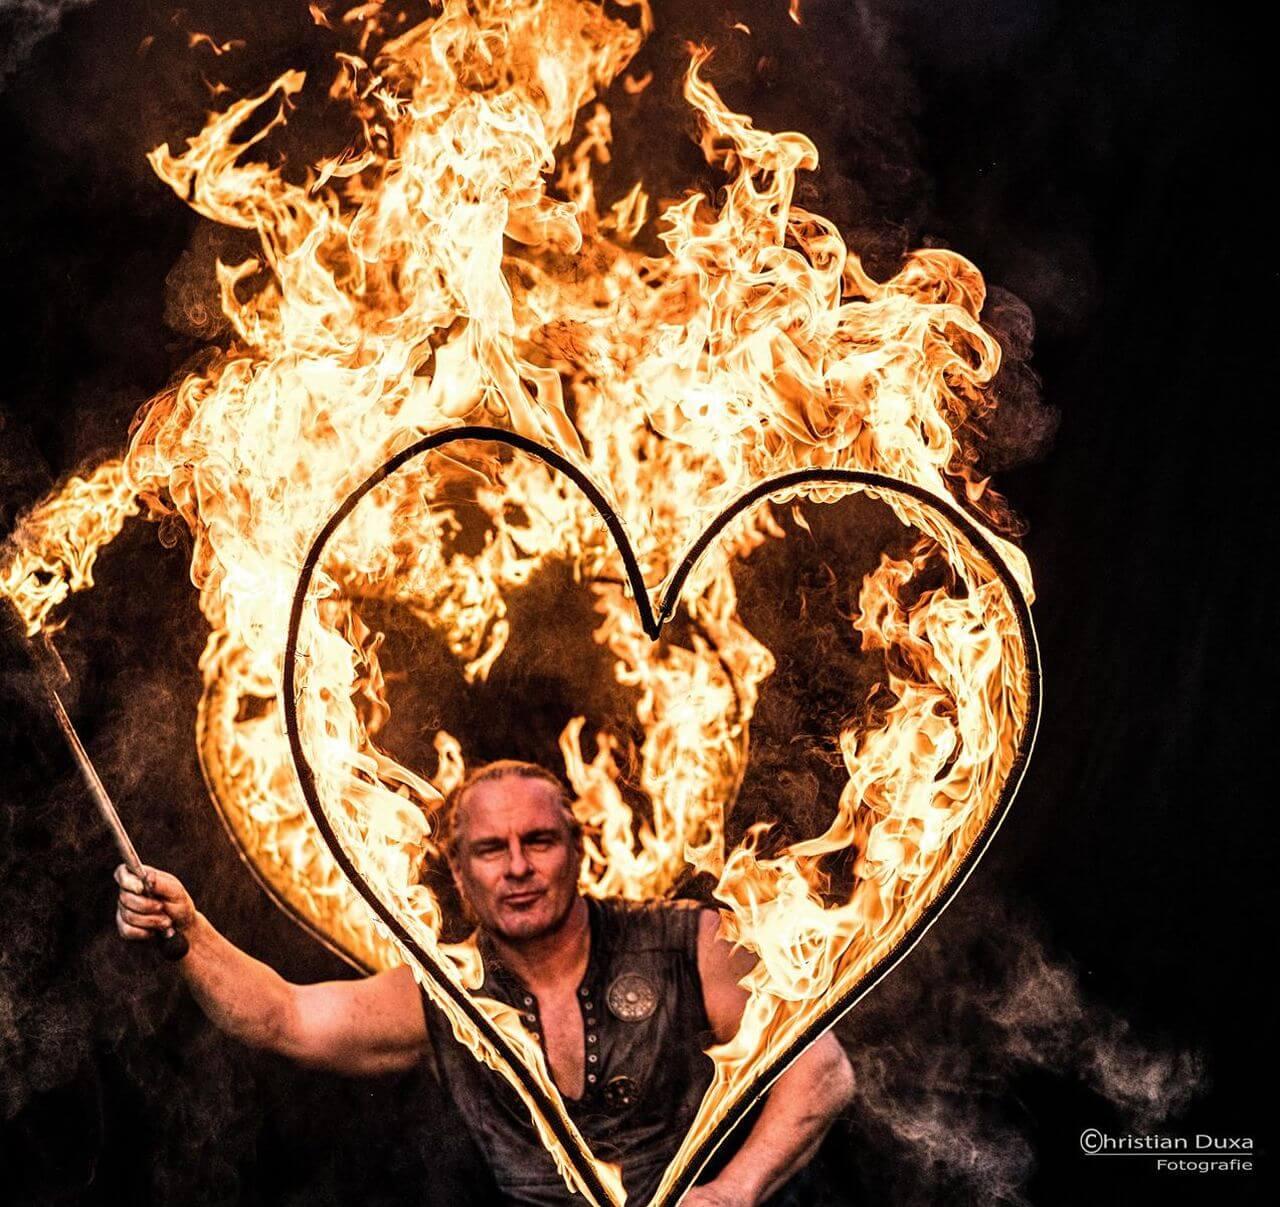 brennende Fackel Feuerherzen und die Hochzeit Rick